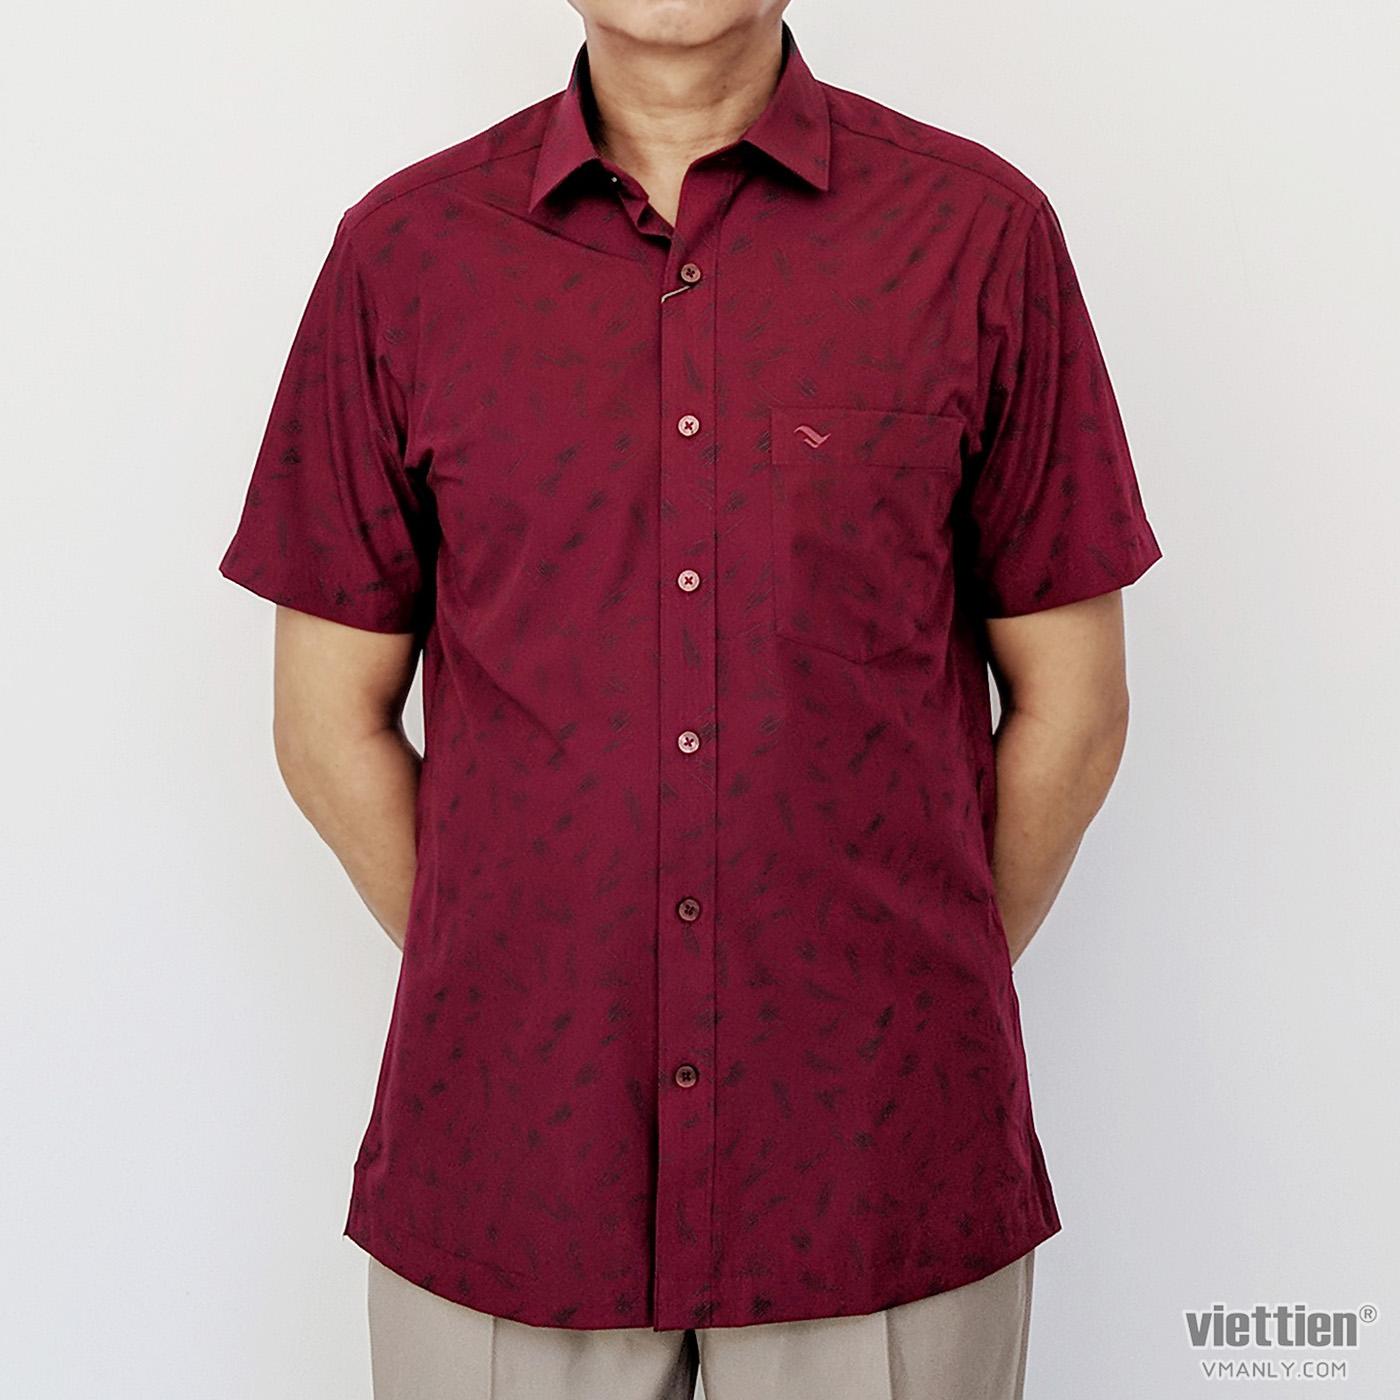 Áo sơ mi nam ngắn tay Việt Tiến màu đỏ hoa văn 6N0103